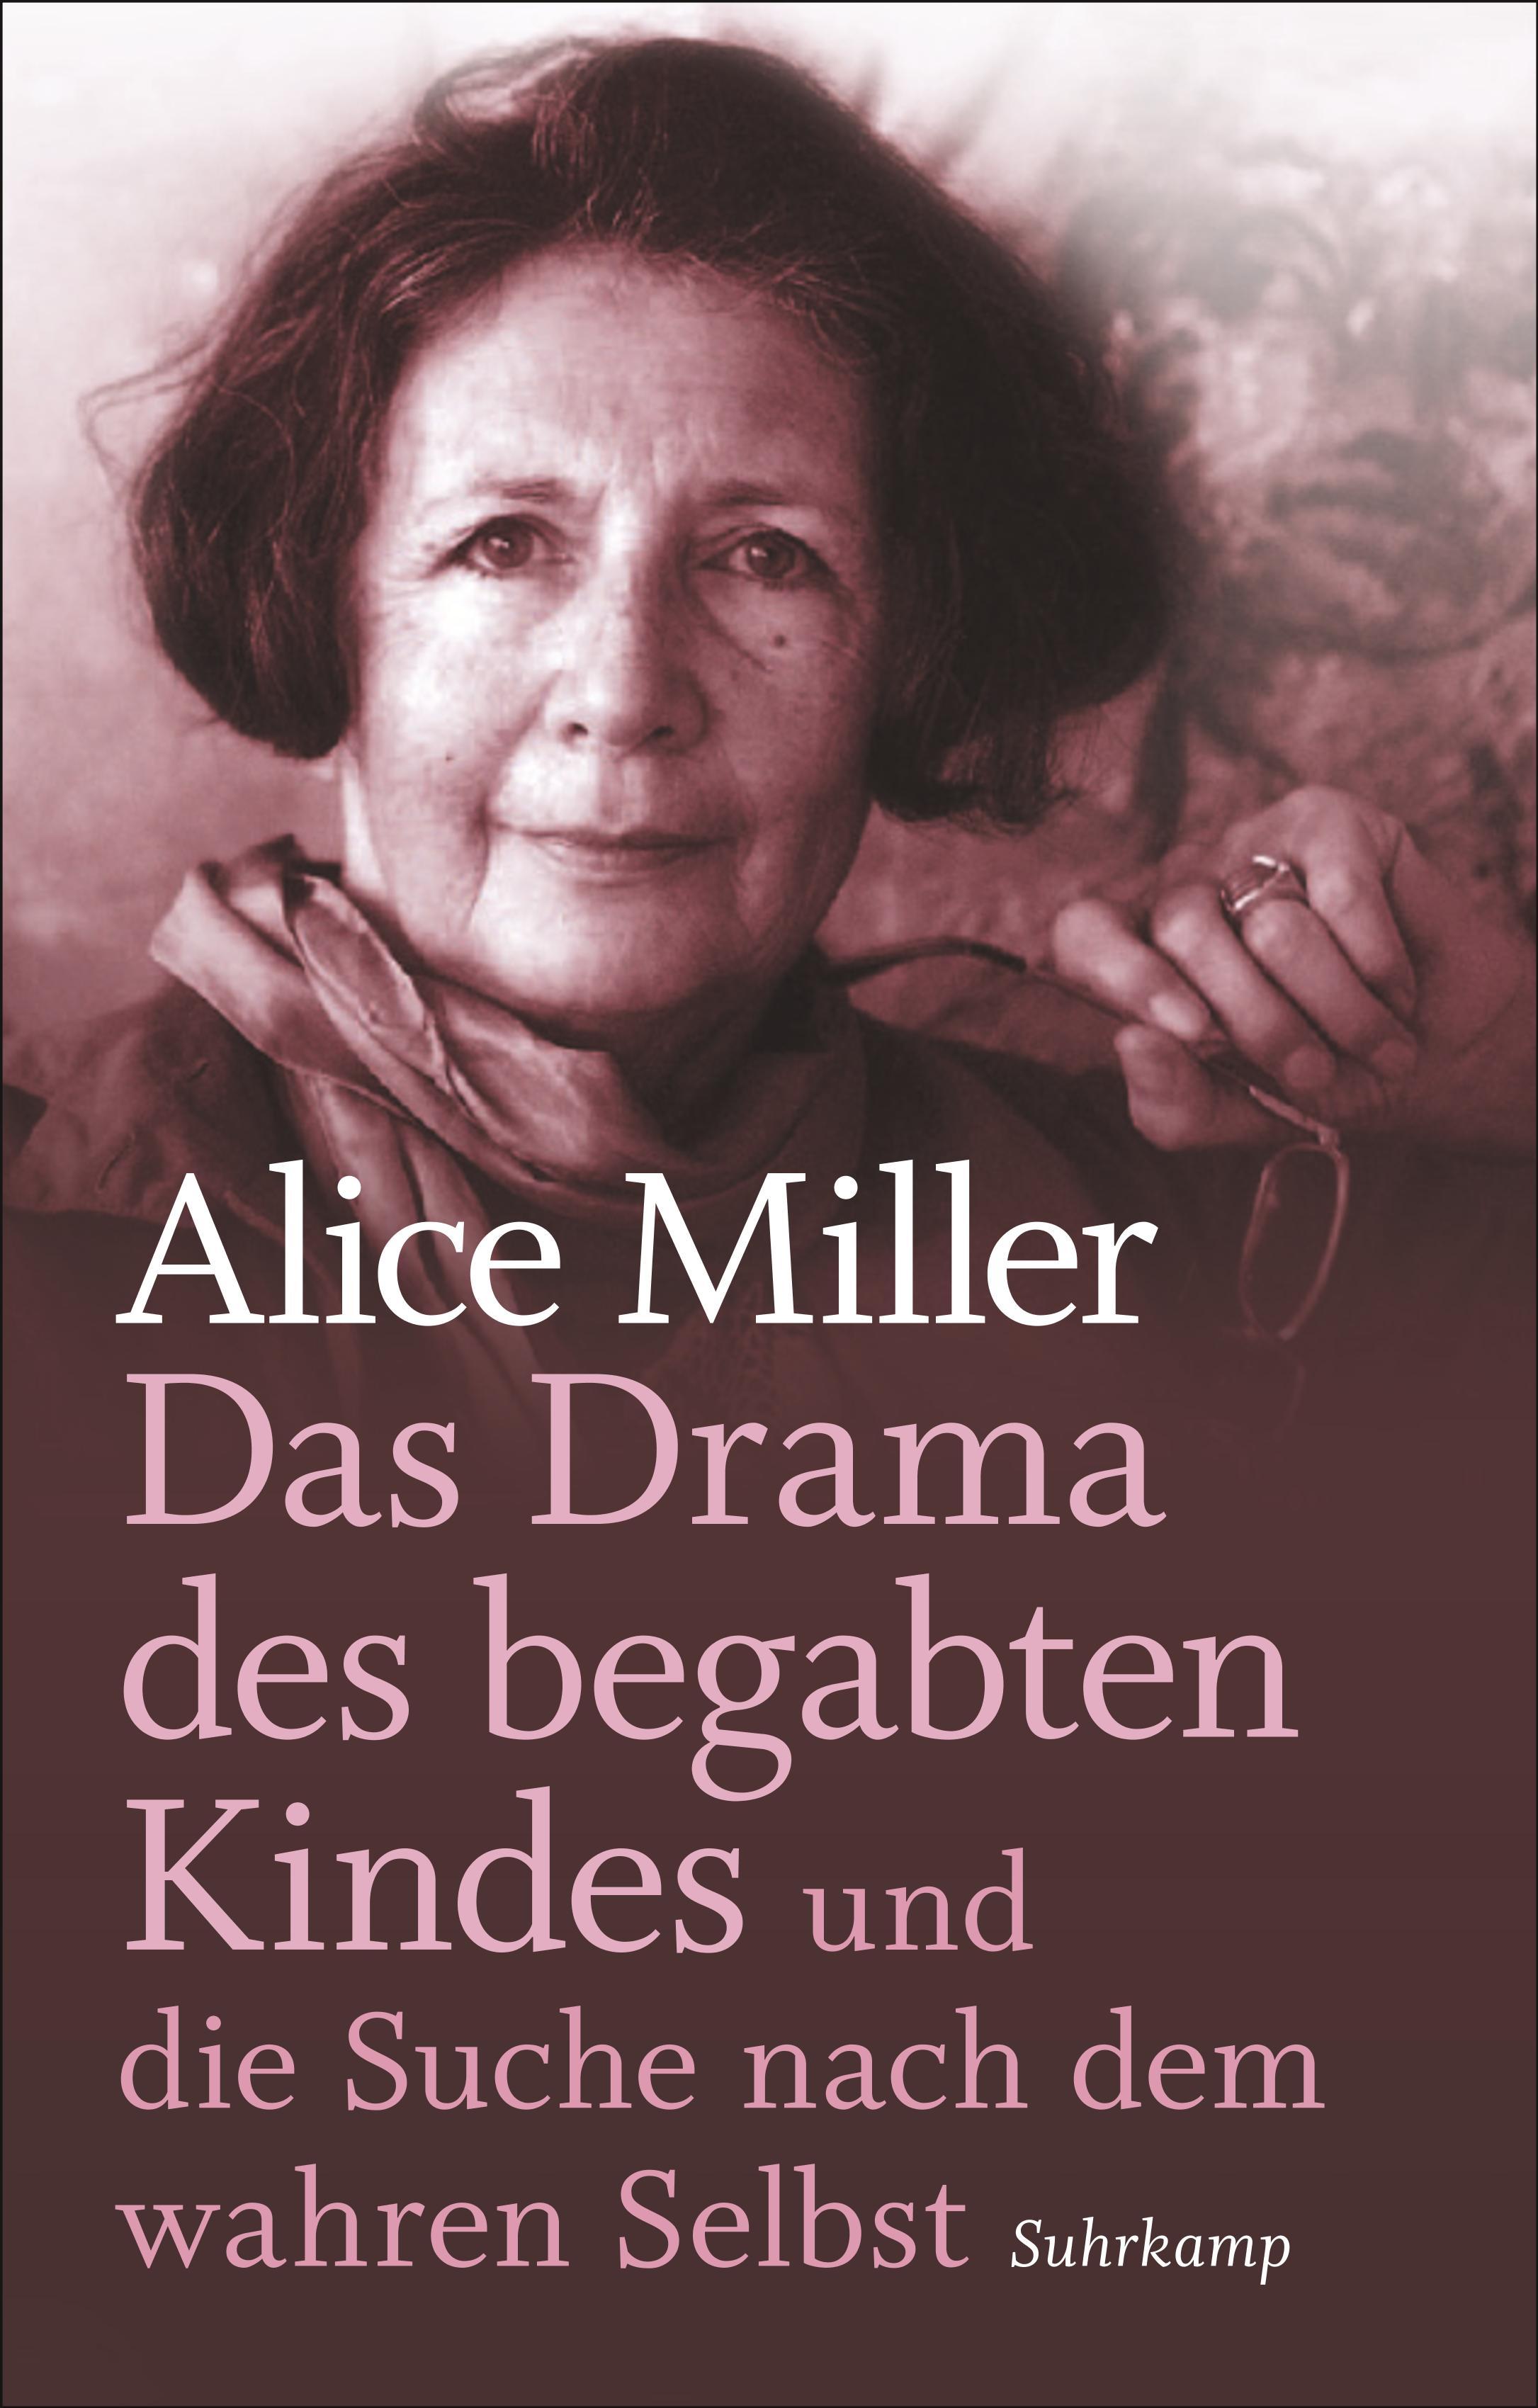 Liebevoll leben und lernen - junge Menschen - Kinder - Bild vom Buch: Das Drama des begabten Kindes - Autorin: Alice Miller - Verlag: Suhrkamp Verlag